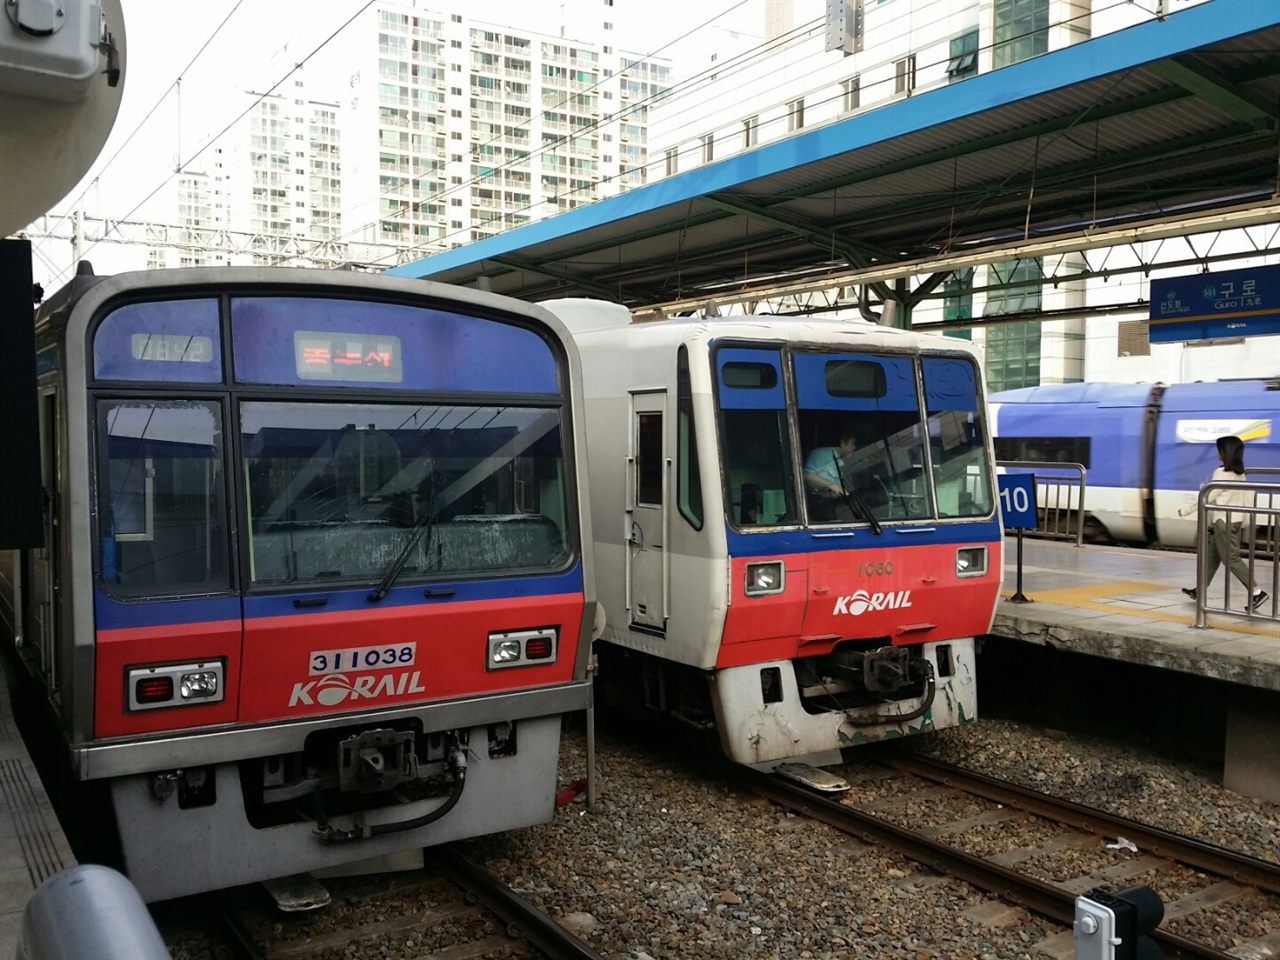 수도권 전철 1호선은 지하철 종로선, 철도 경부선, 경인선, 경원선, 장항선을 직결해 만든 '메갈로폴리스'에 어울리는 대형 교통망이다.